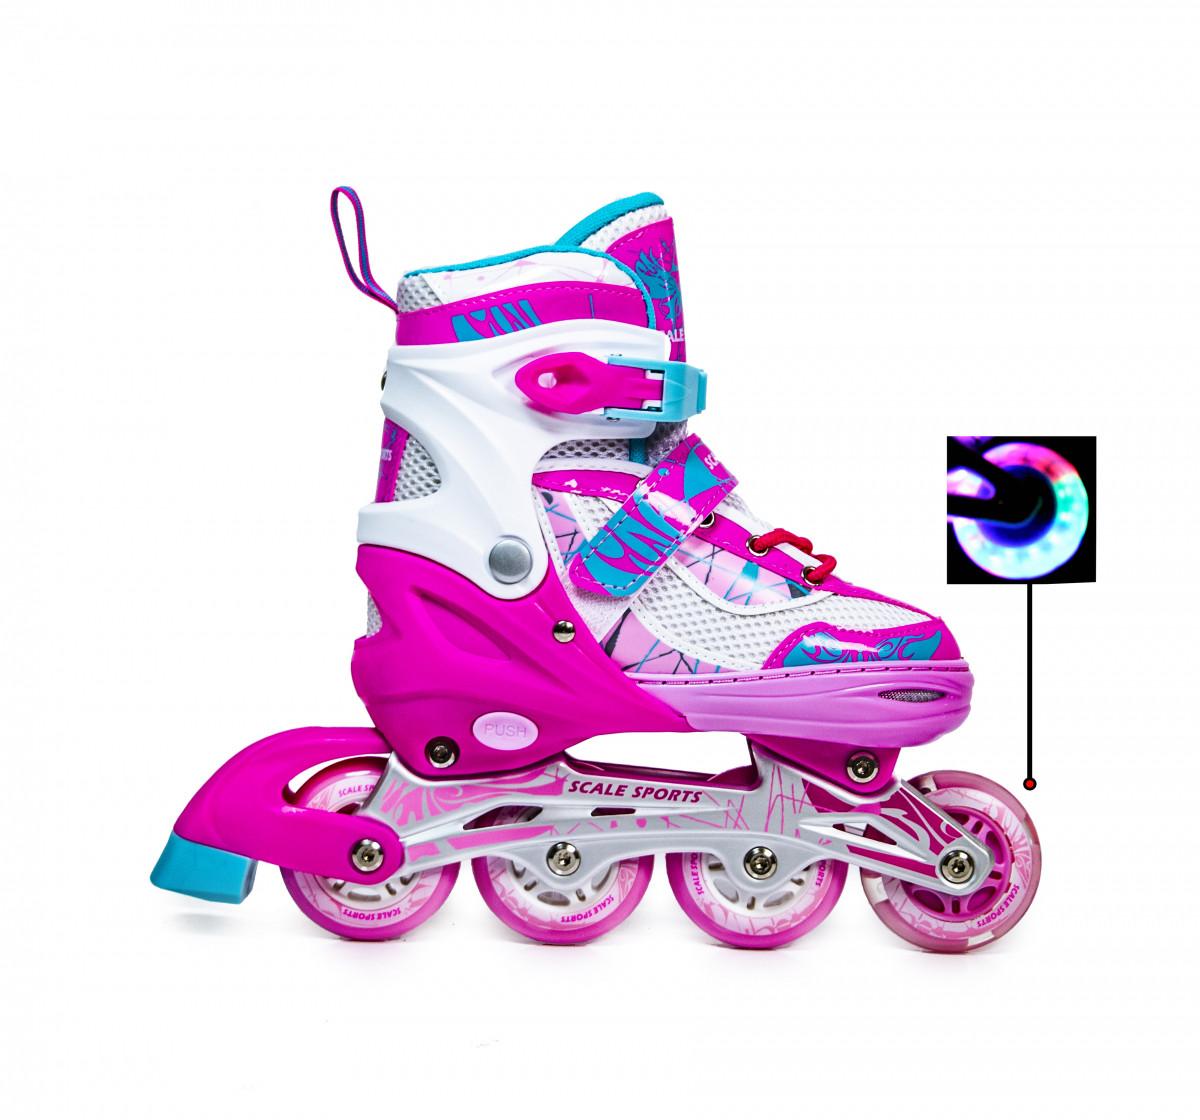 Раздвижные детские роликовые коньки Scale Sports LF 967, размер 34-37, Розовые